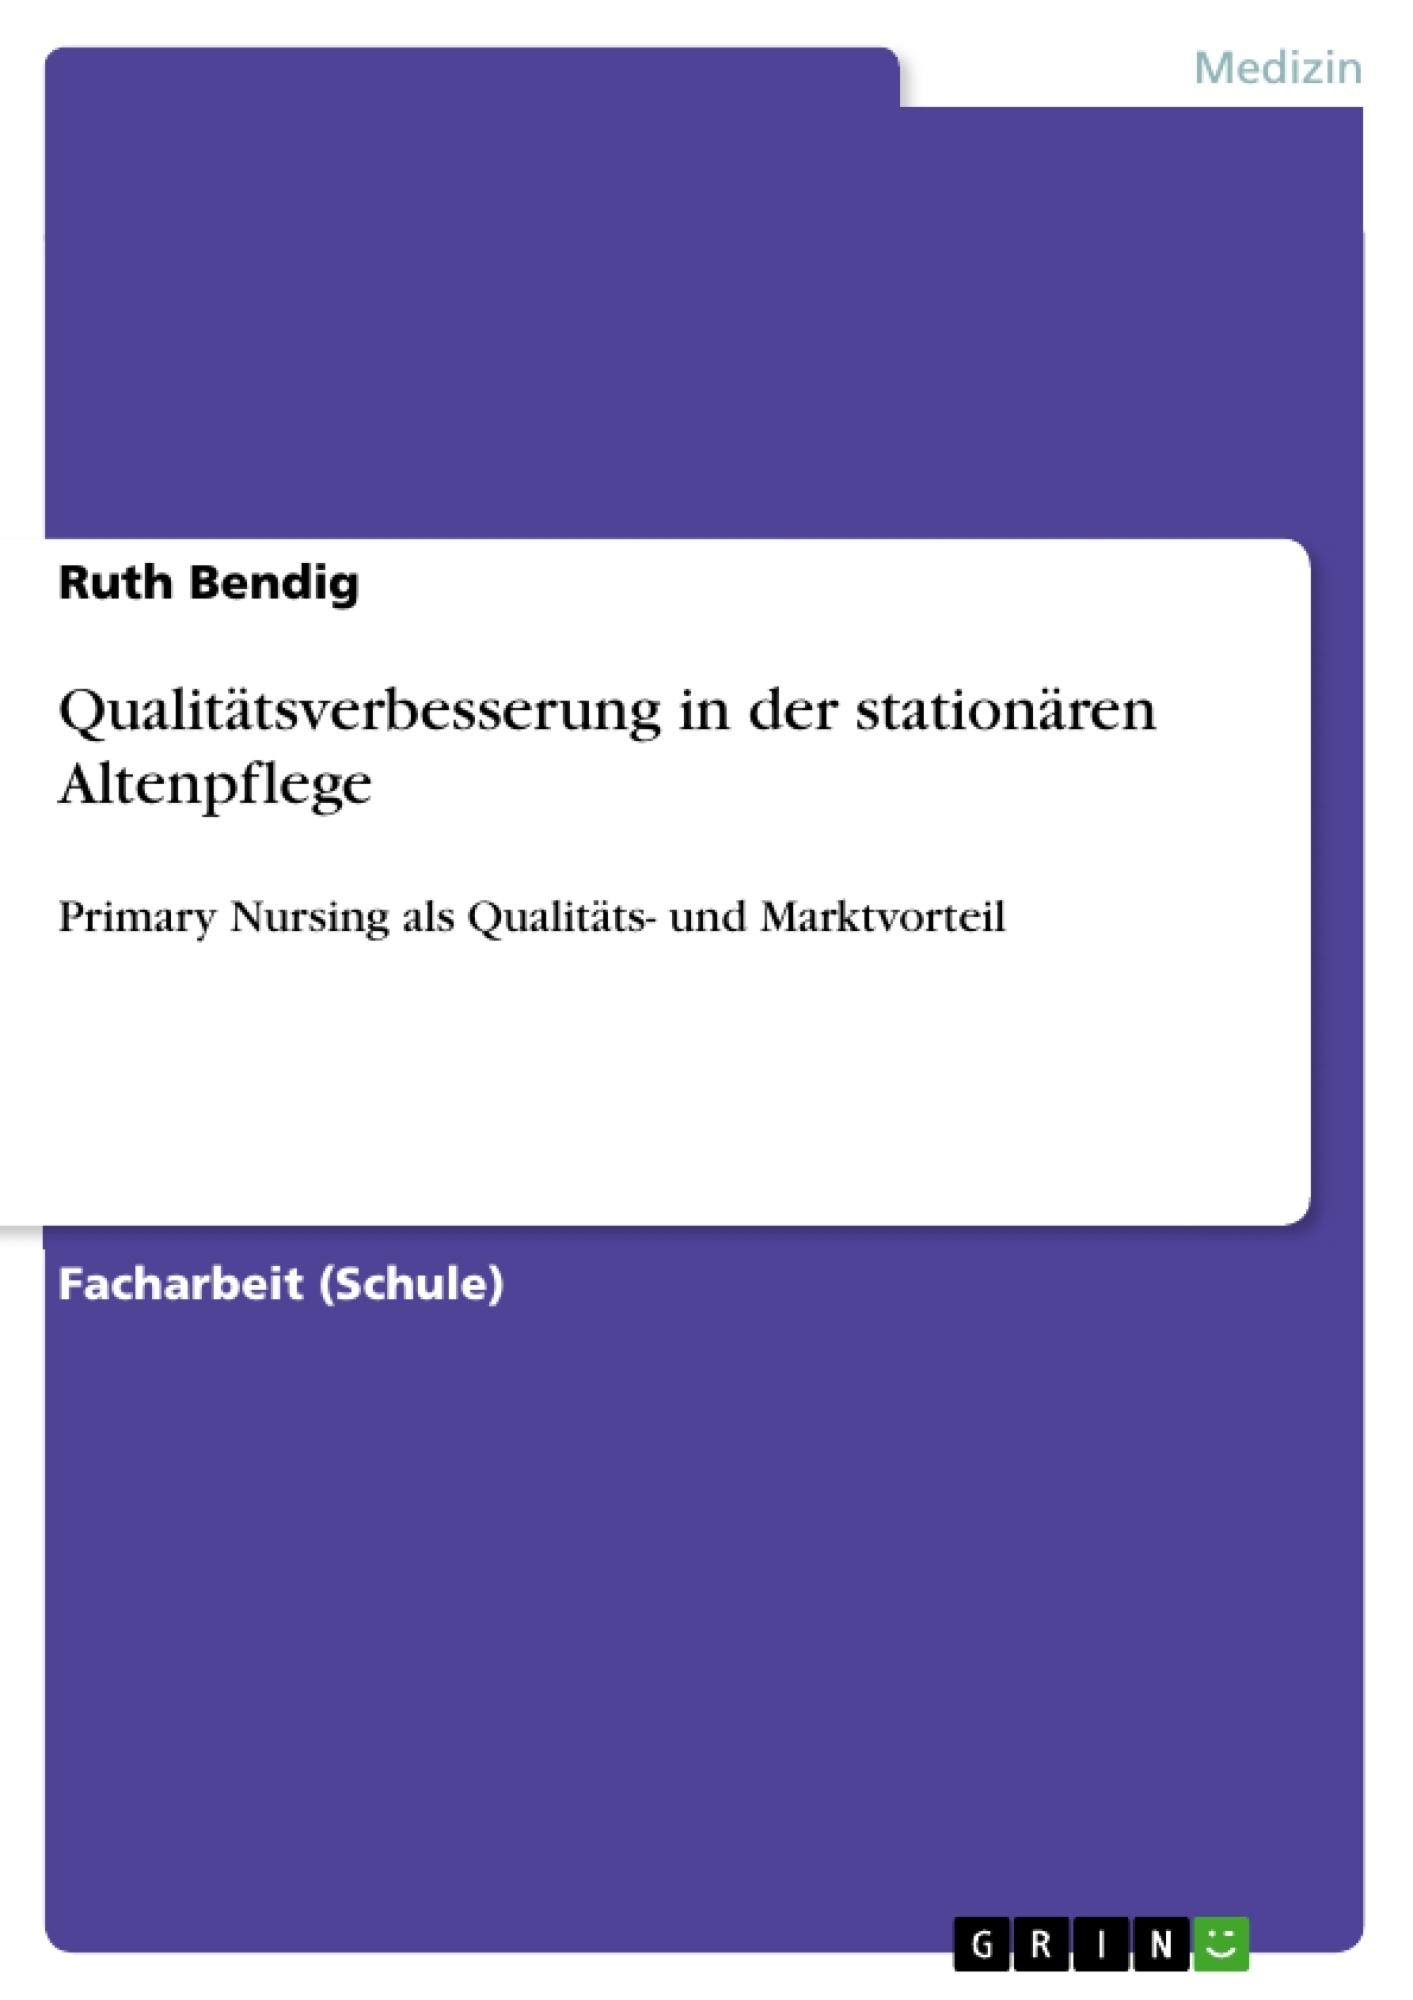 Titel: Qualitätsverbesserung in der stationären Altenpflege